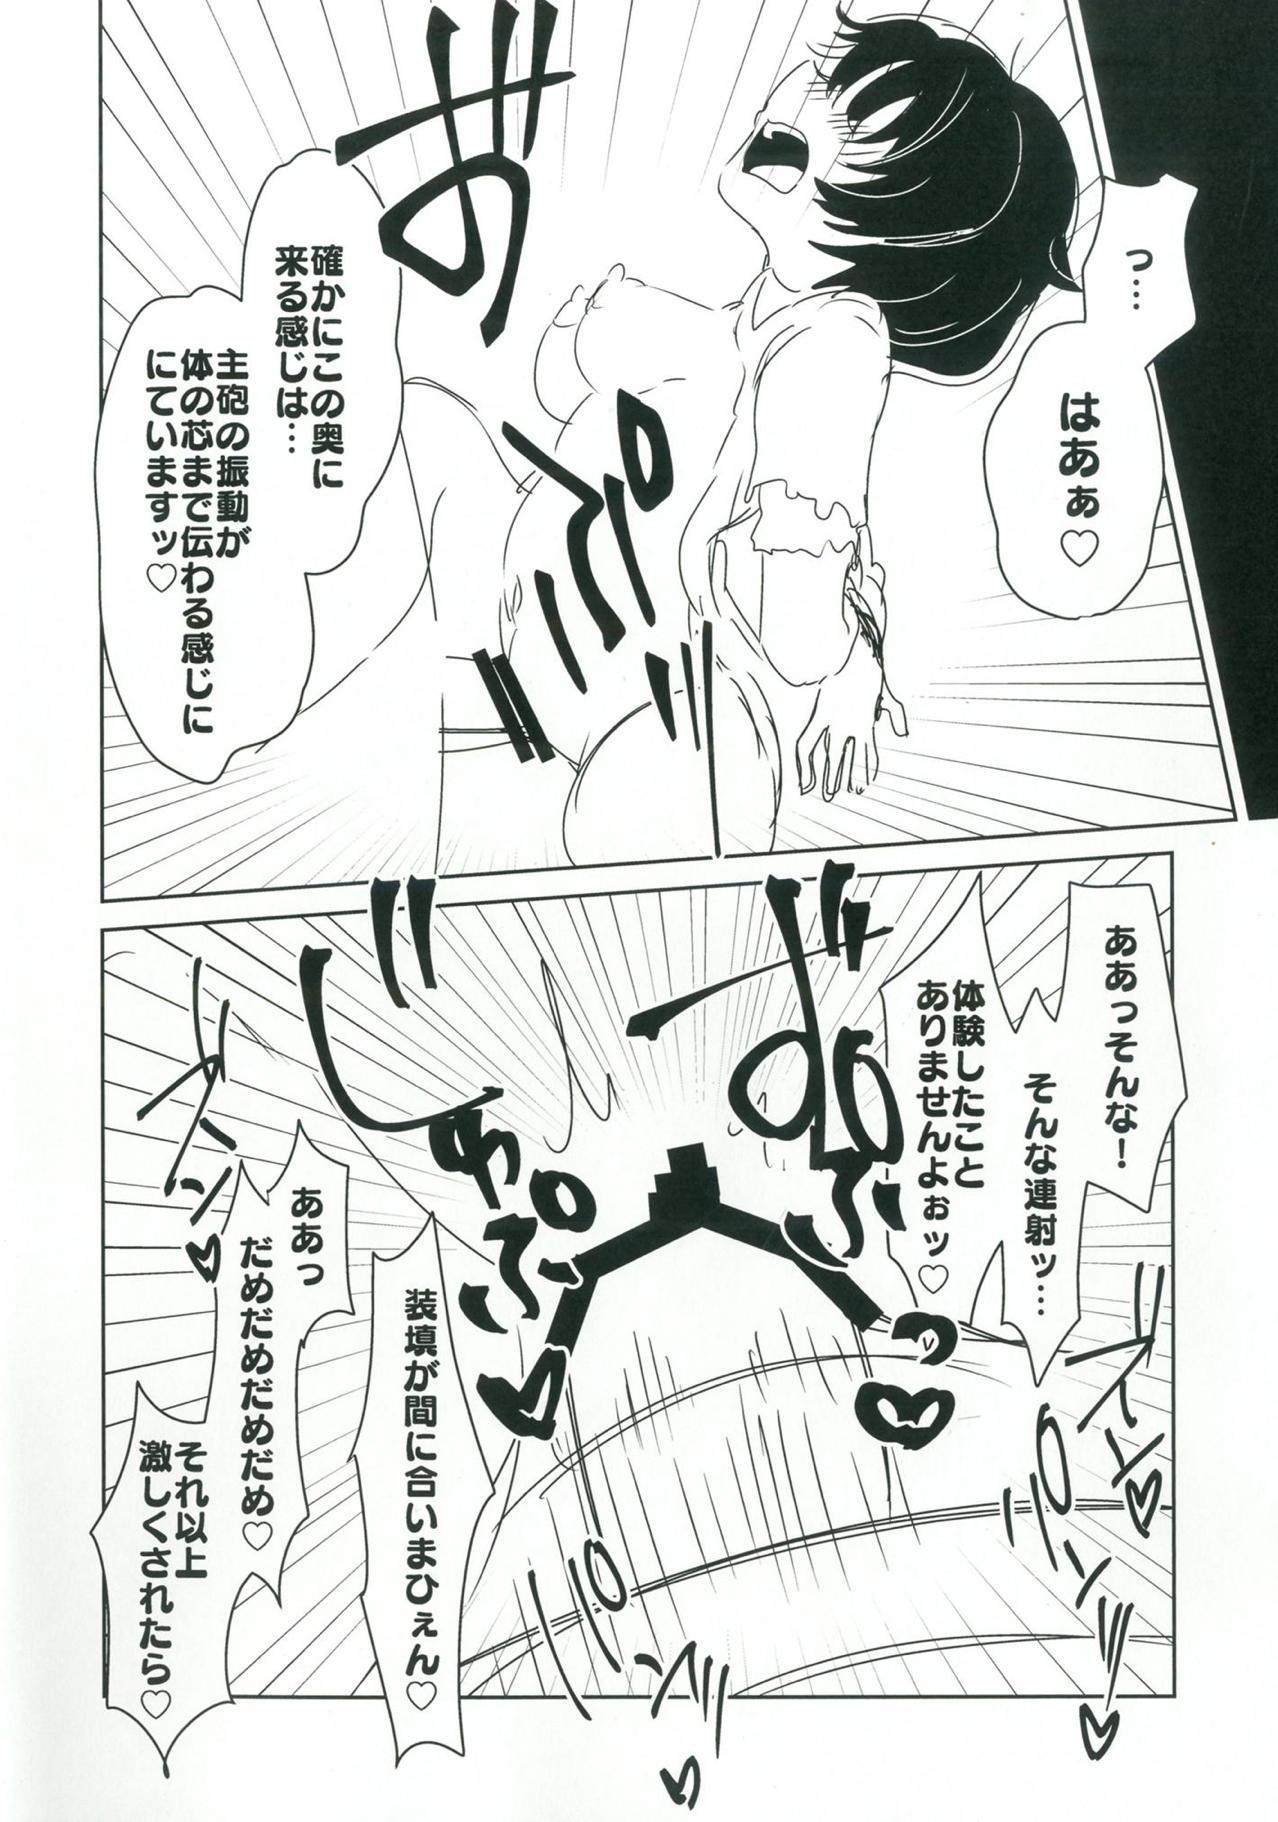 (Panzer Vor! 15) [Chabane Ninja (Happamushi)] Onii-san-tachi wa Koko de Murakami no Oppai demo Nondenasai yo (Girls und Panzer) 22